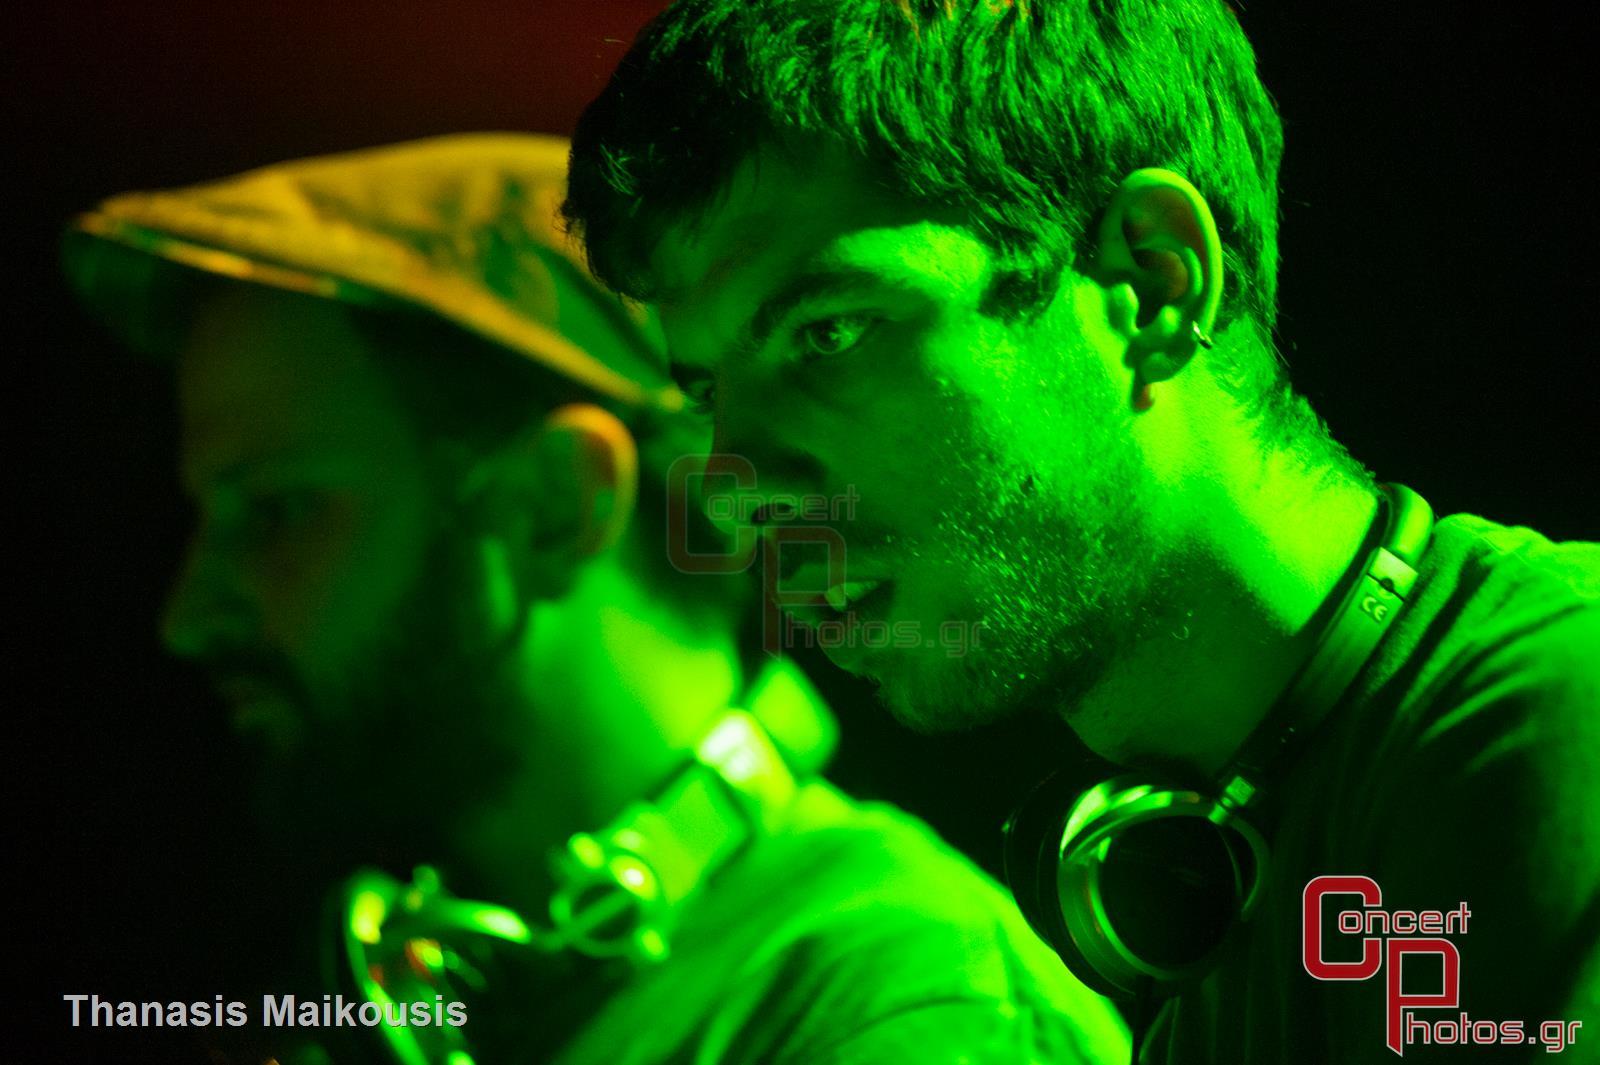 Dub Inc-Dub Inc photographer: Thanasis Maikousis - concertphotos_-5066